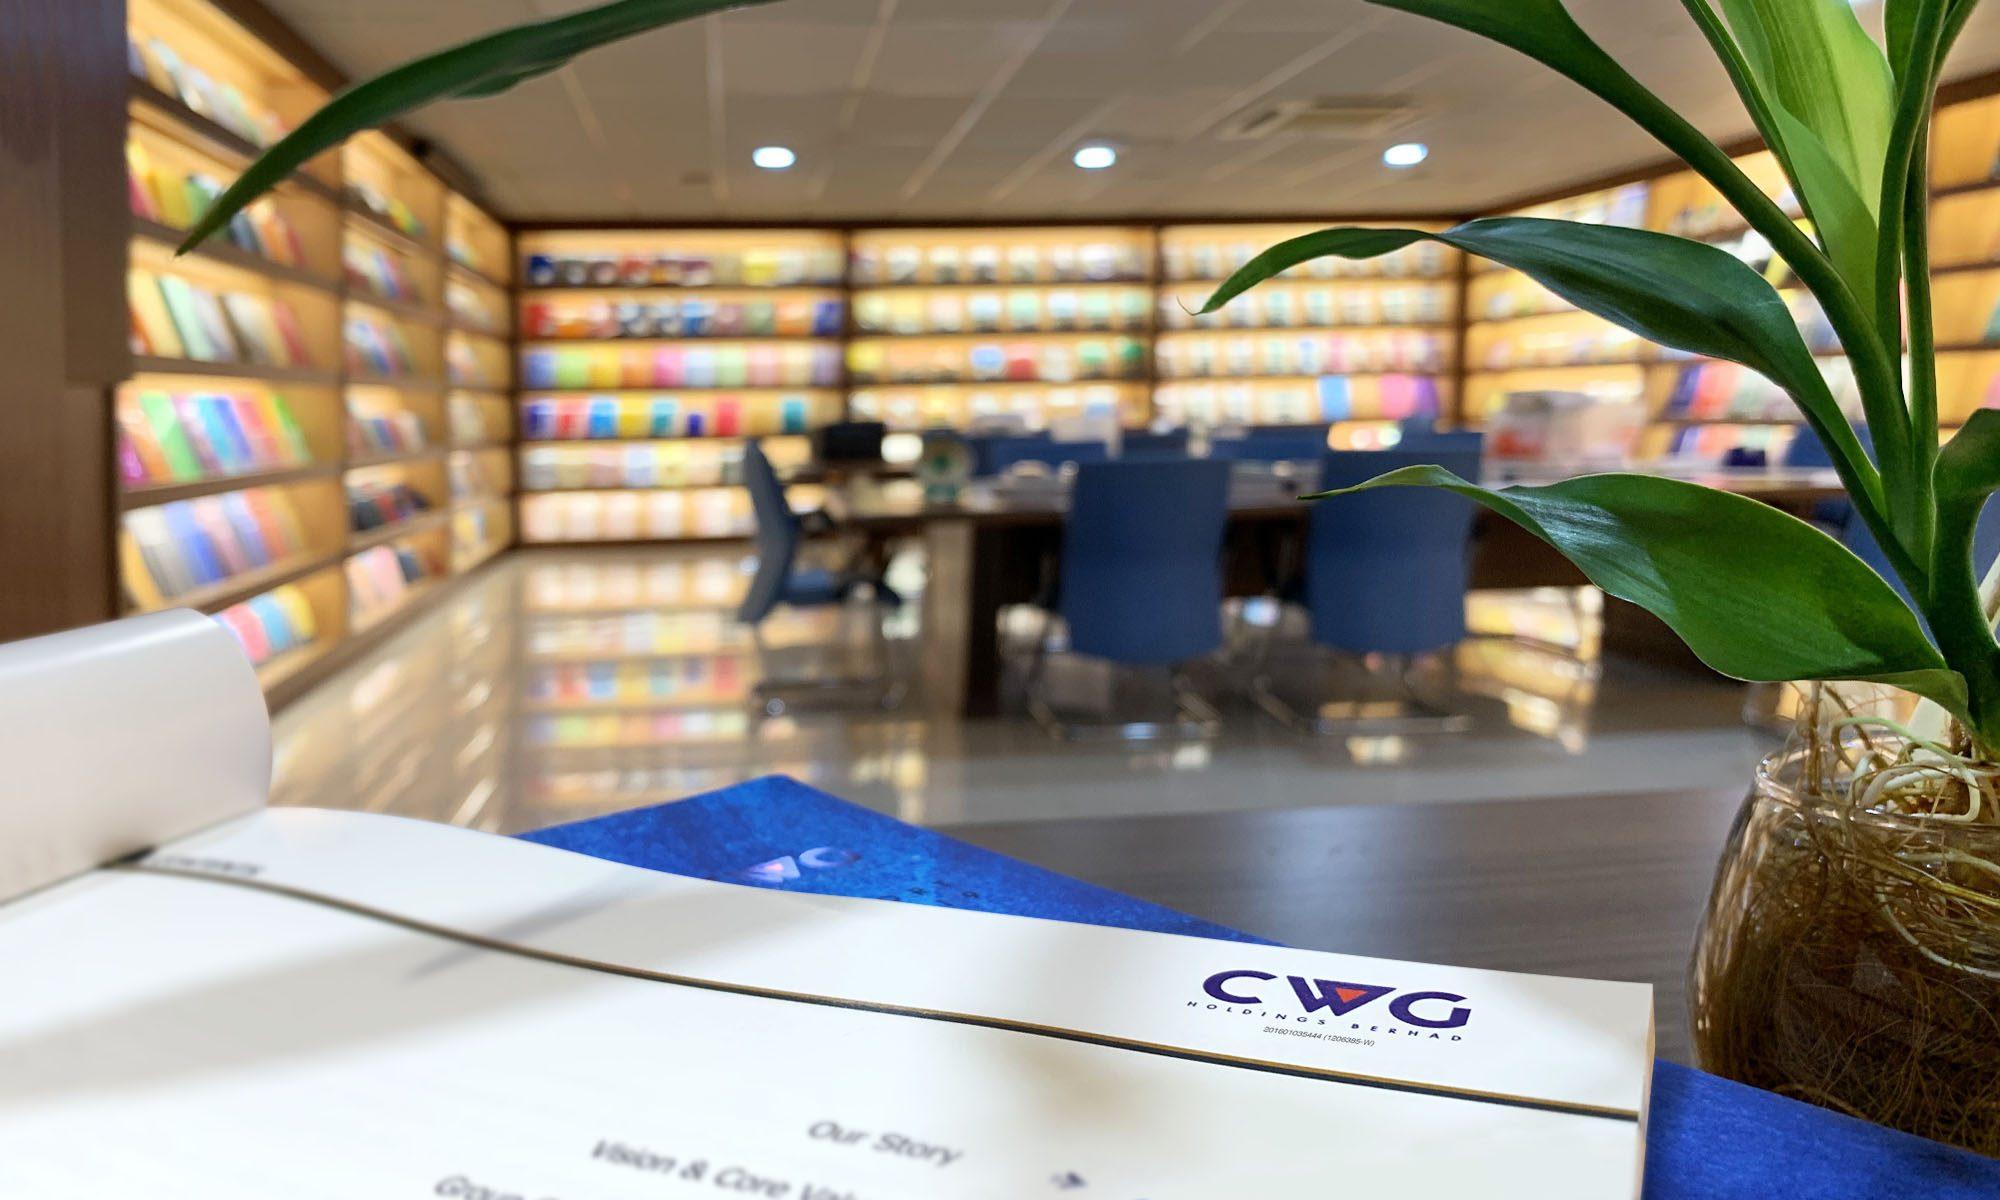 CWG Holdings Berhad